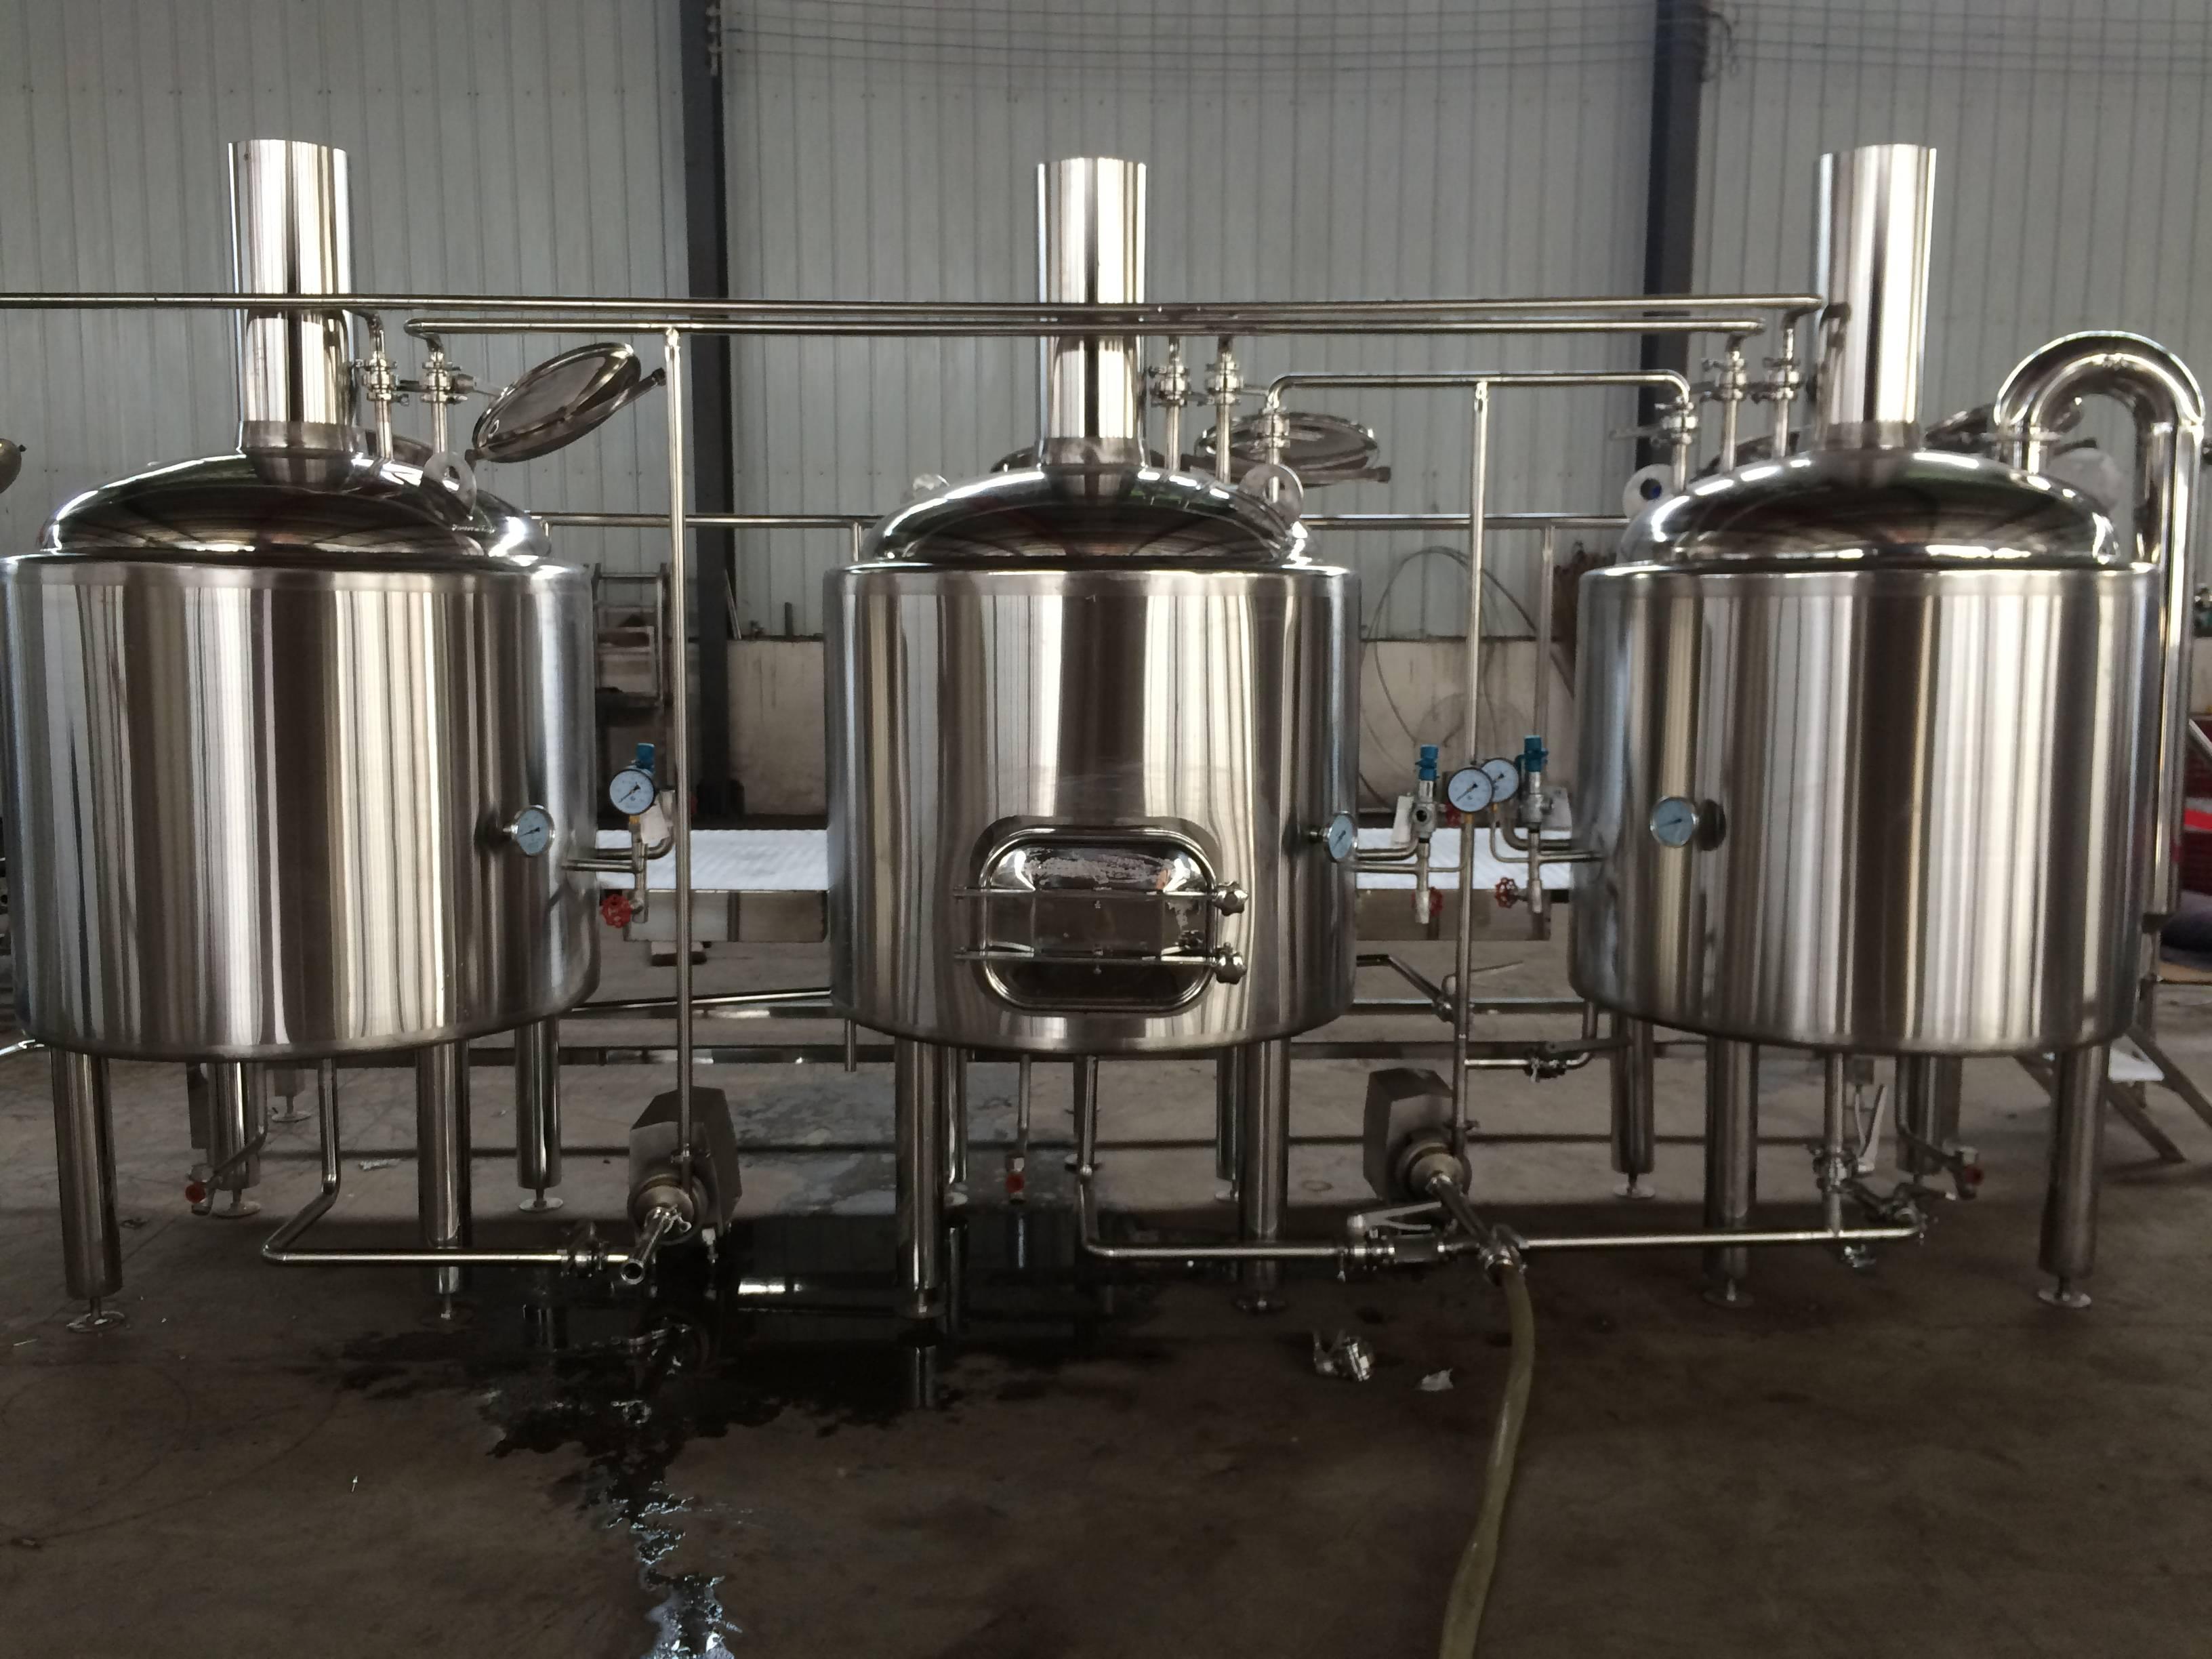 Свой бизнес: как открыть мини-пивоварню. домашняя пивоварня как бизнес. сколько стоит оборудование для пивоварни? :: businessman.ru